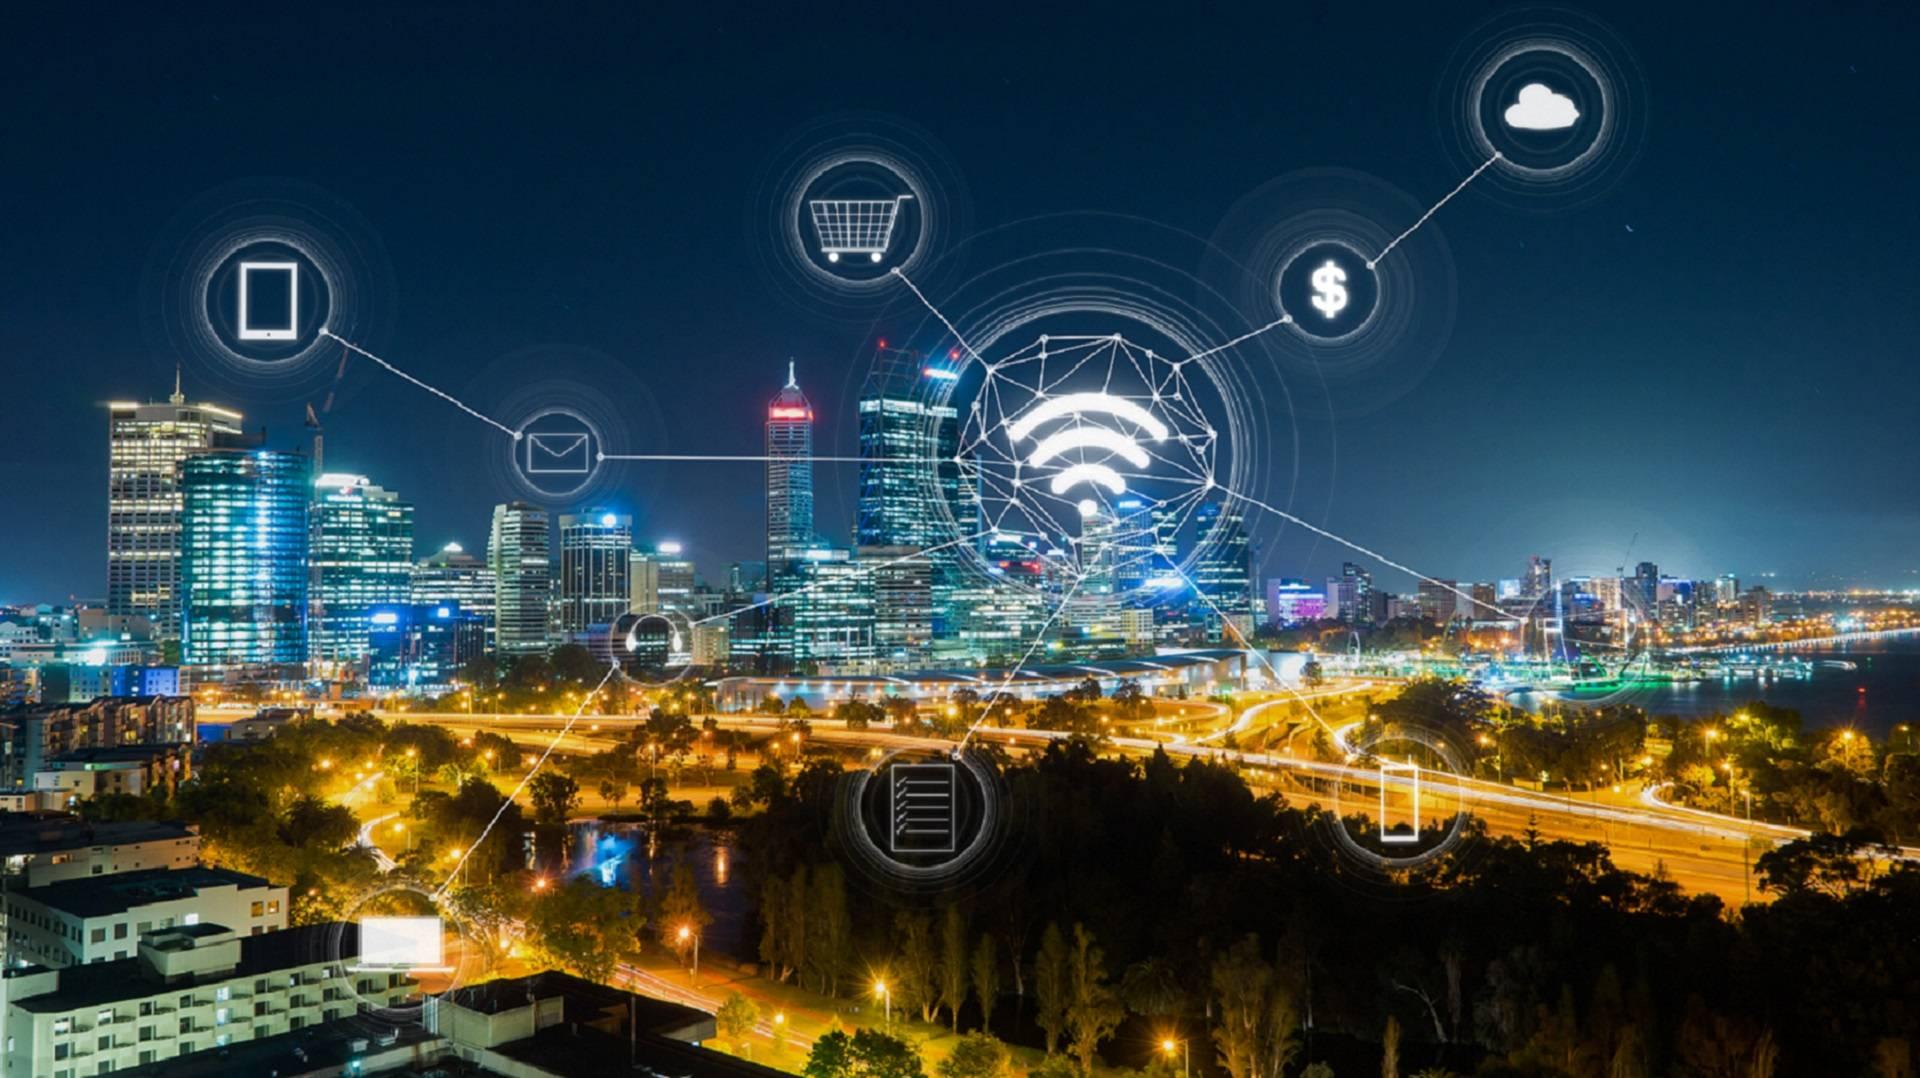 2018长沙市移动互联网发展白皮书